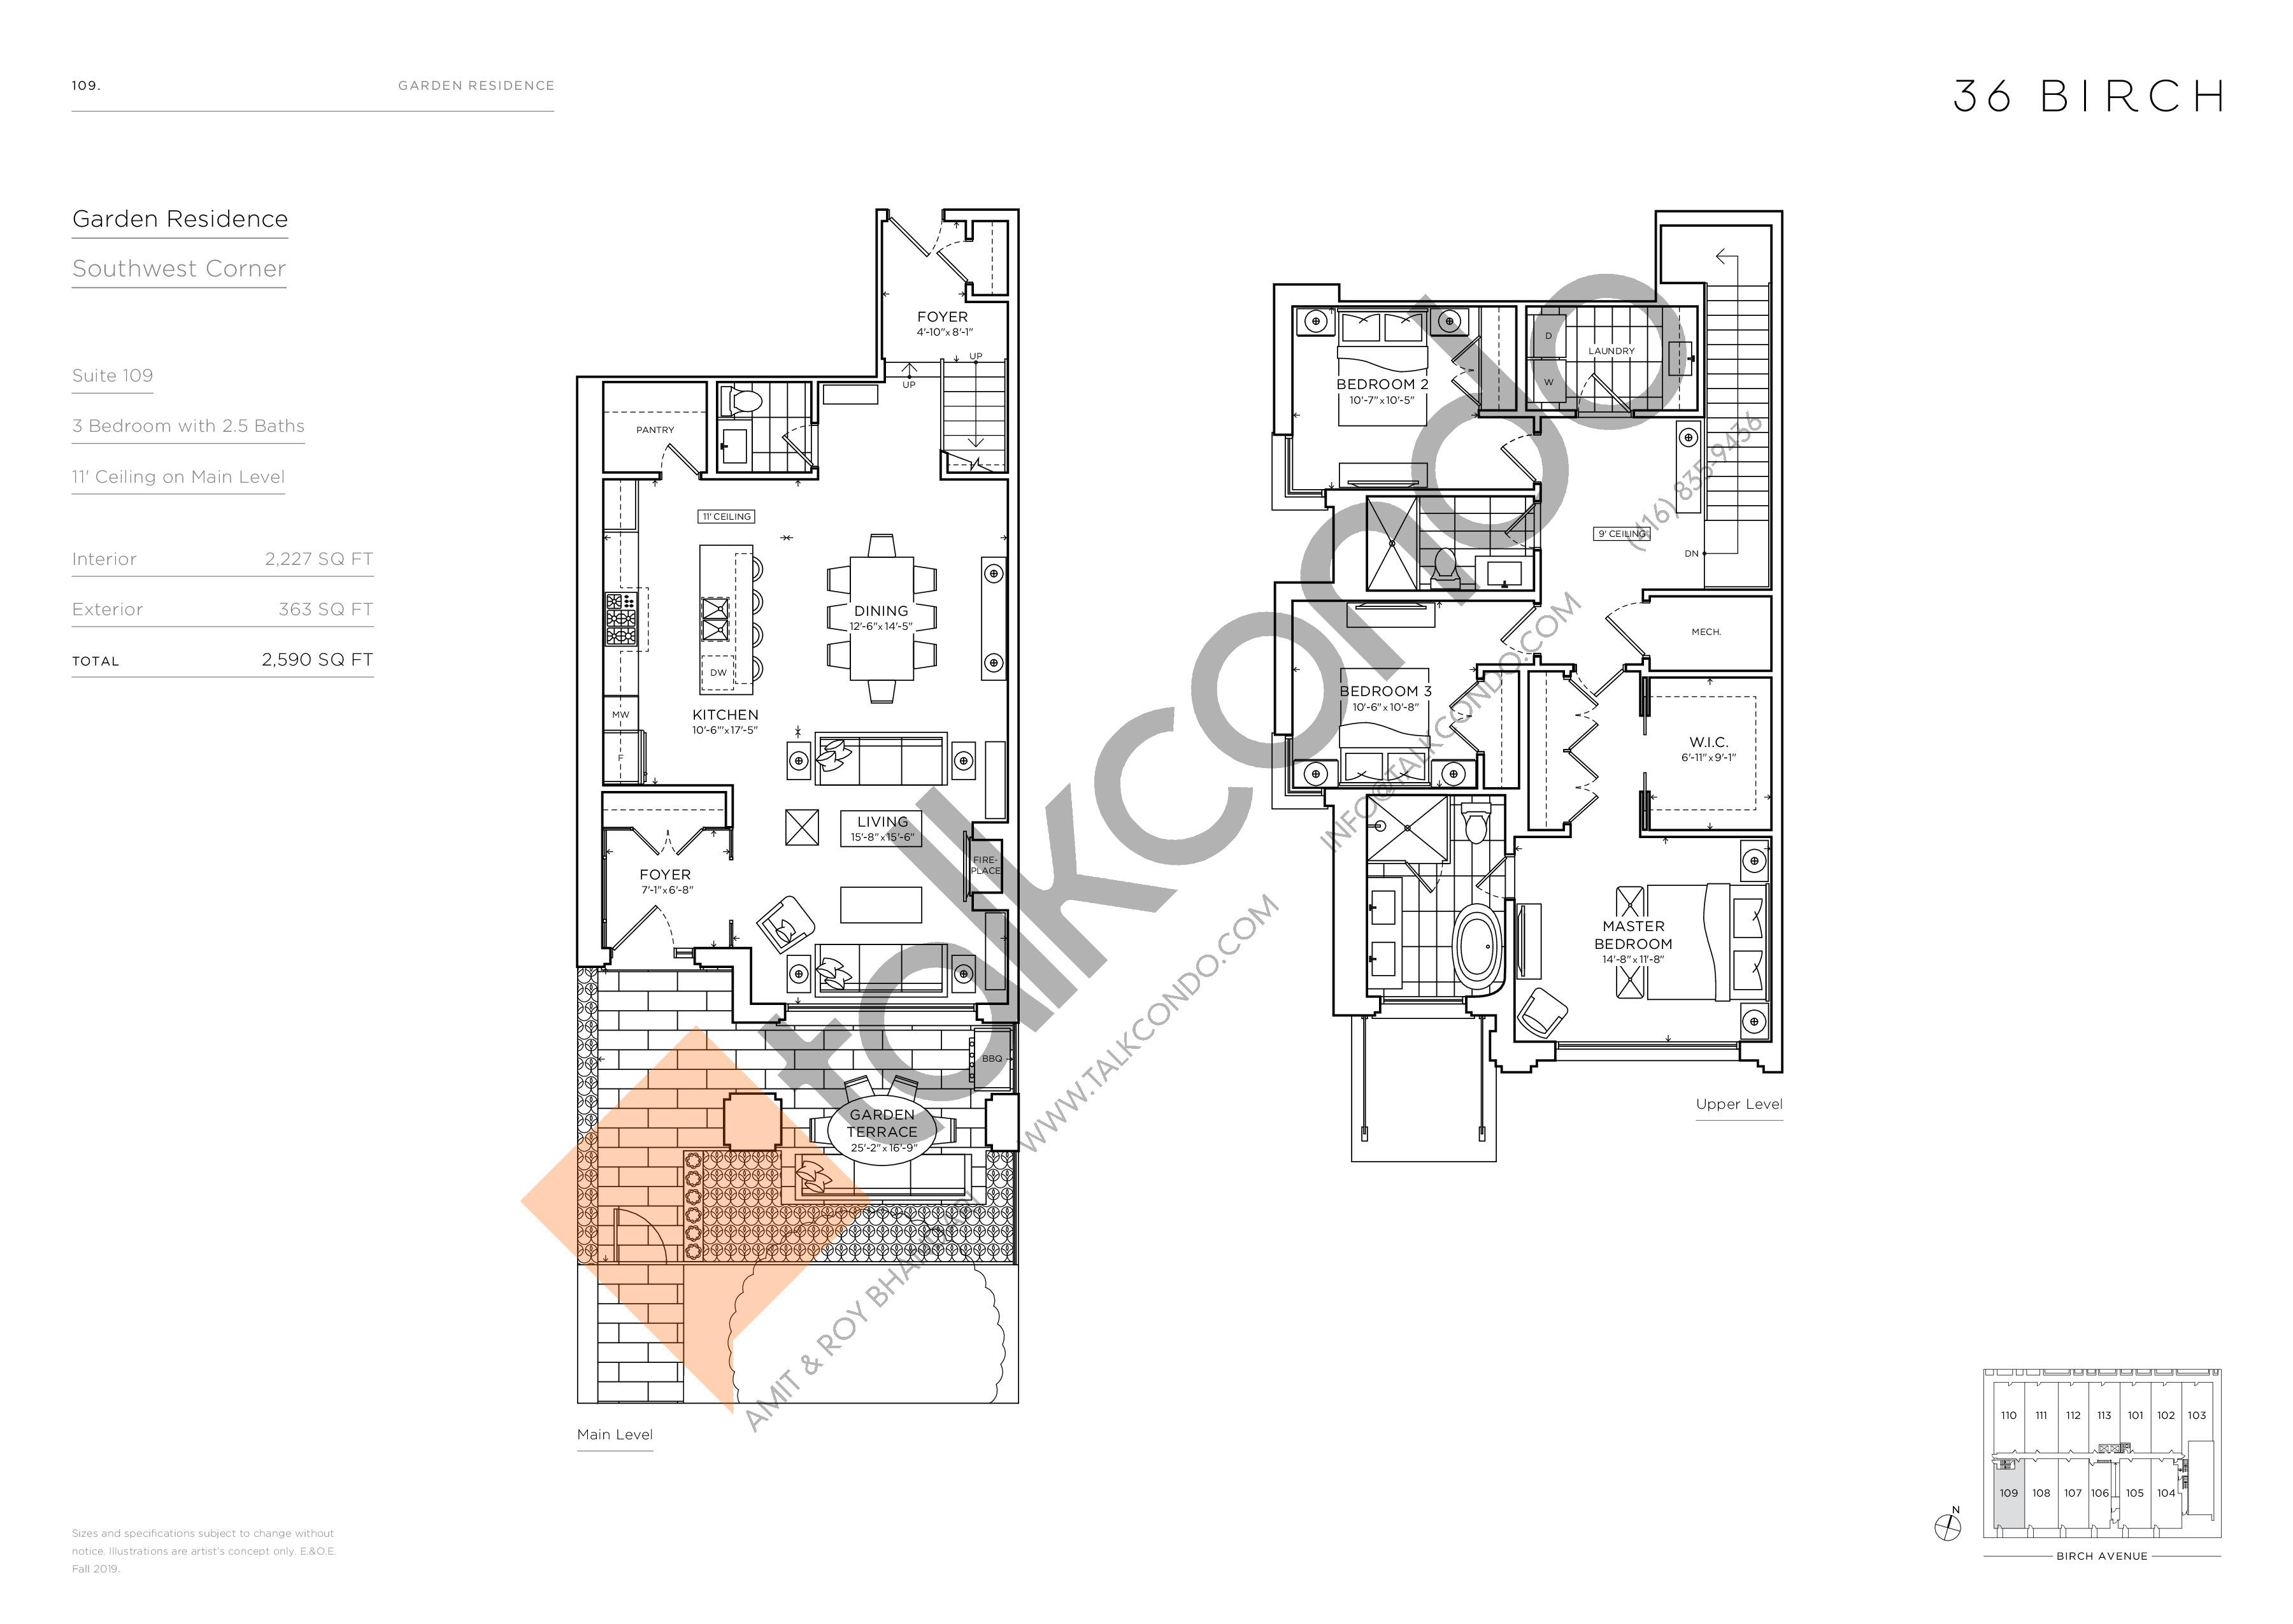 109 - Garden Residences Floor Plan at 36 Birch Condos - 2227 sq.ft